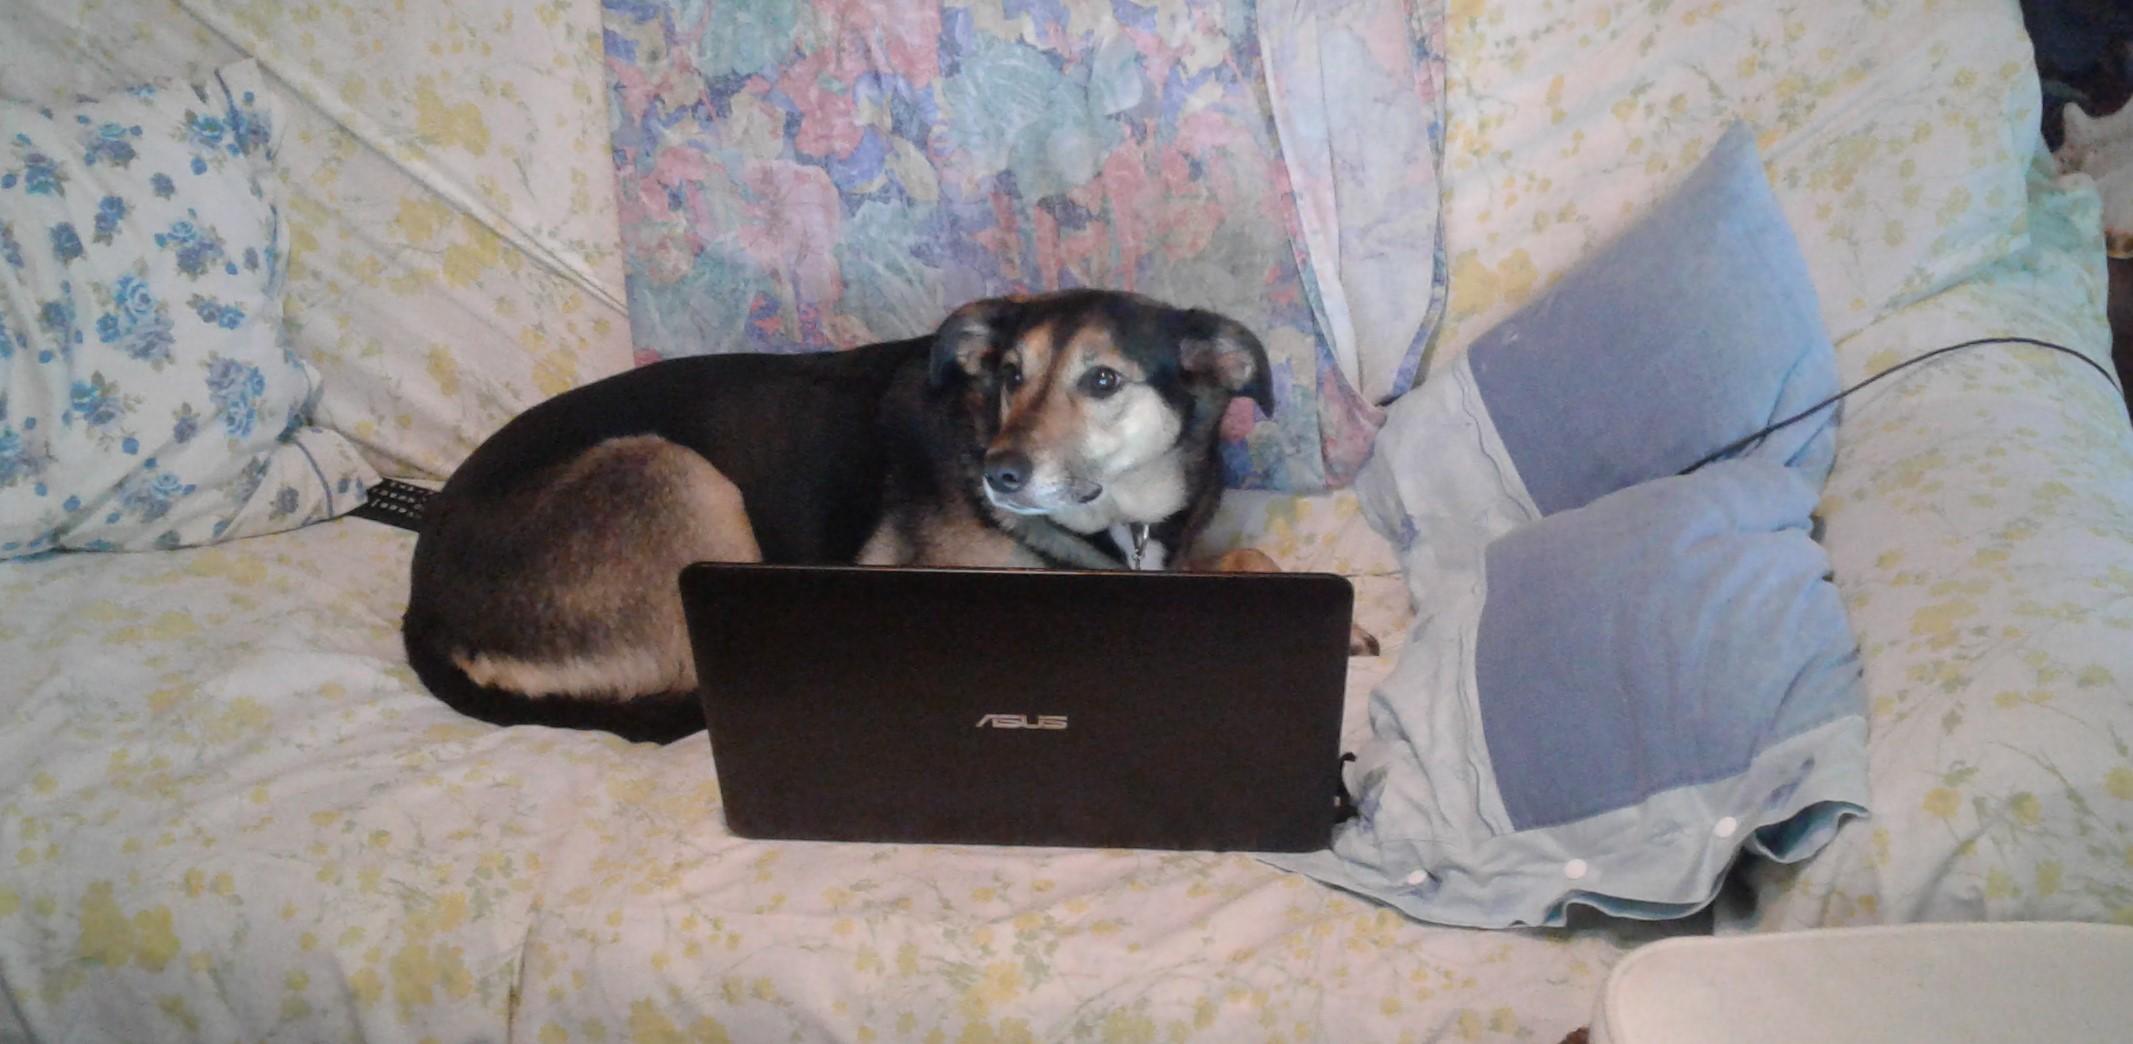 Rischio cardiologico: un cane ci allunga la vita.